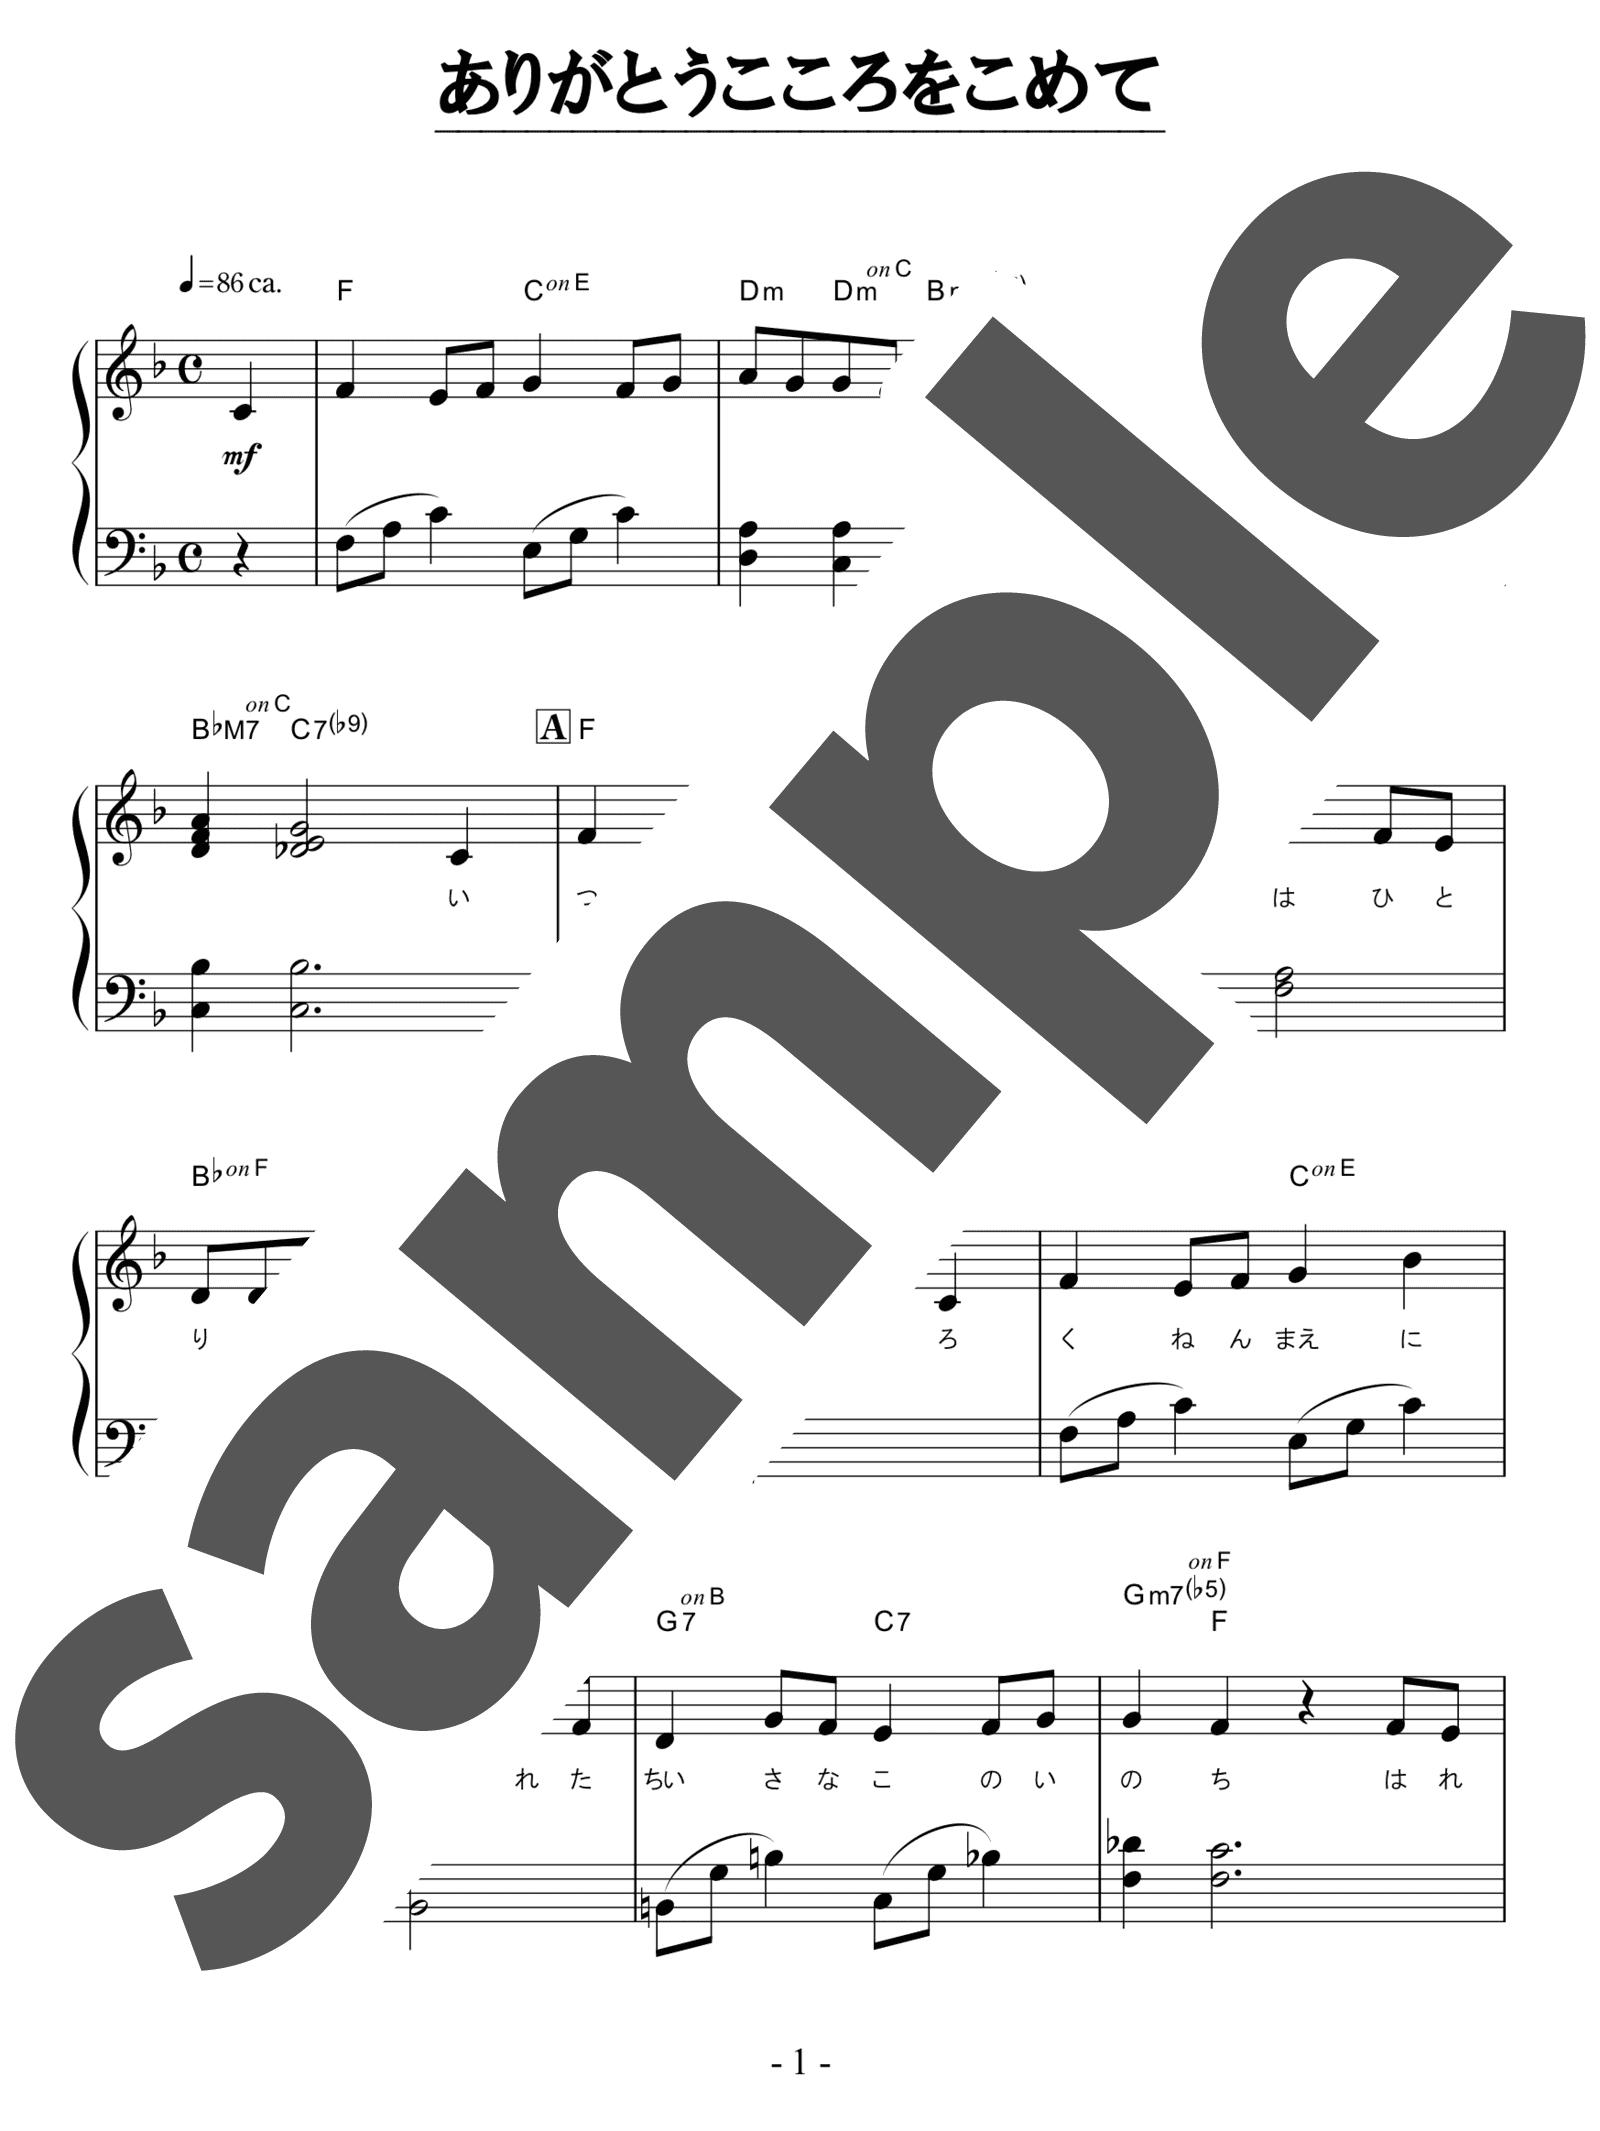 「ありがとうこころをこめて」のサンプル楽譜